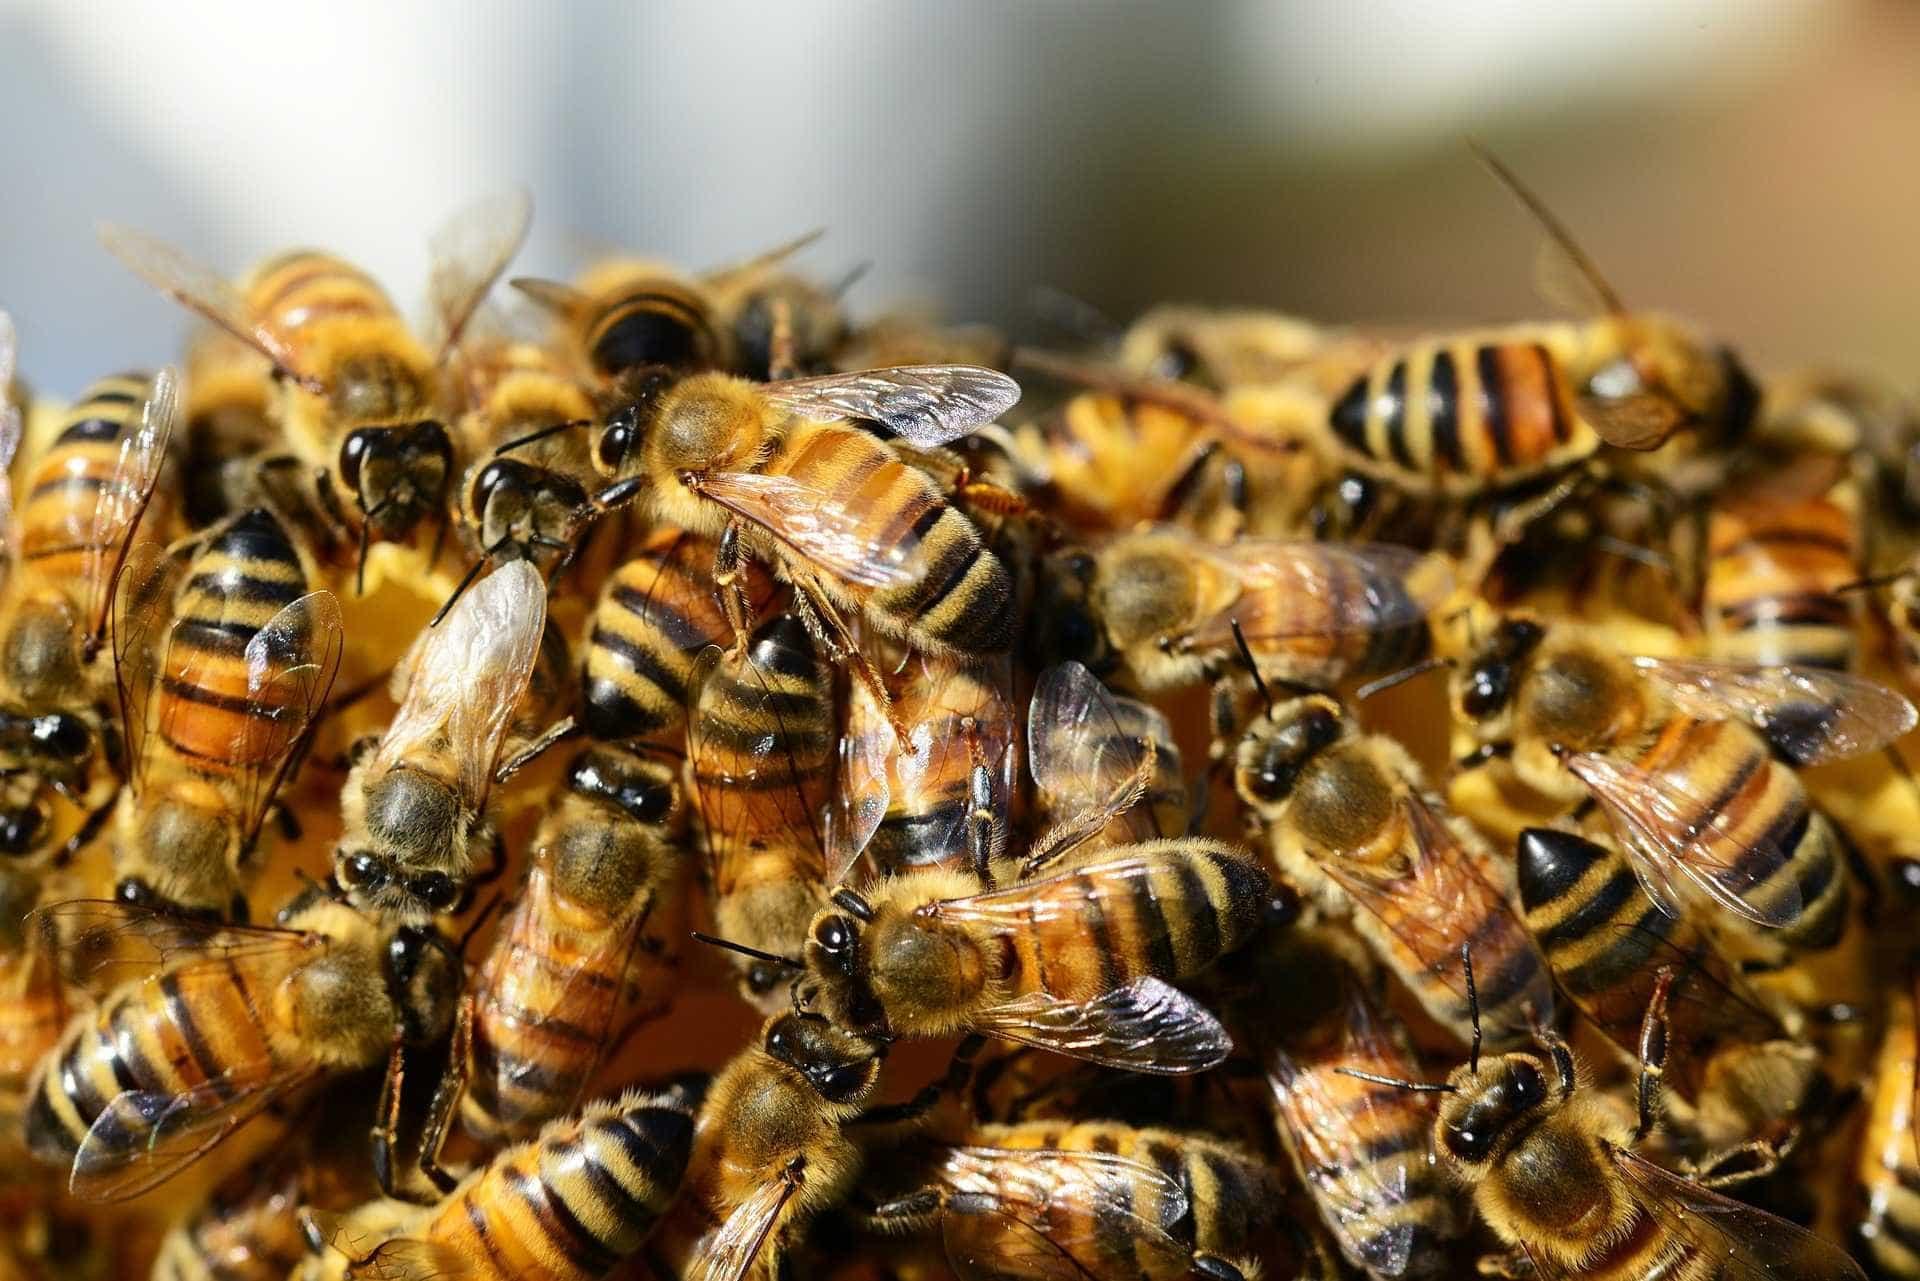 Ataque de abelhas durante missa leva 54 pessoas a hospitais em MG